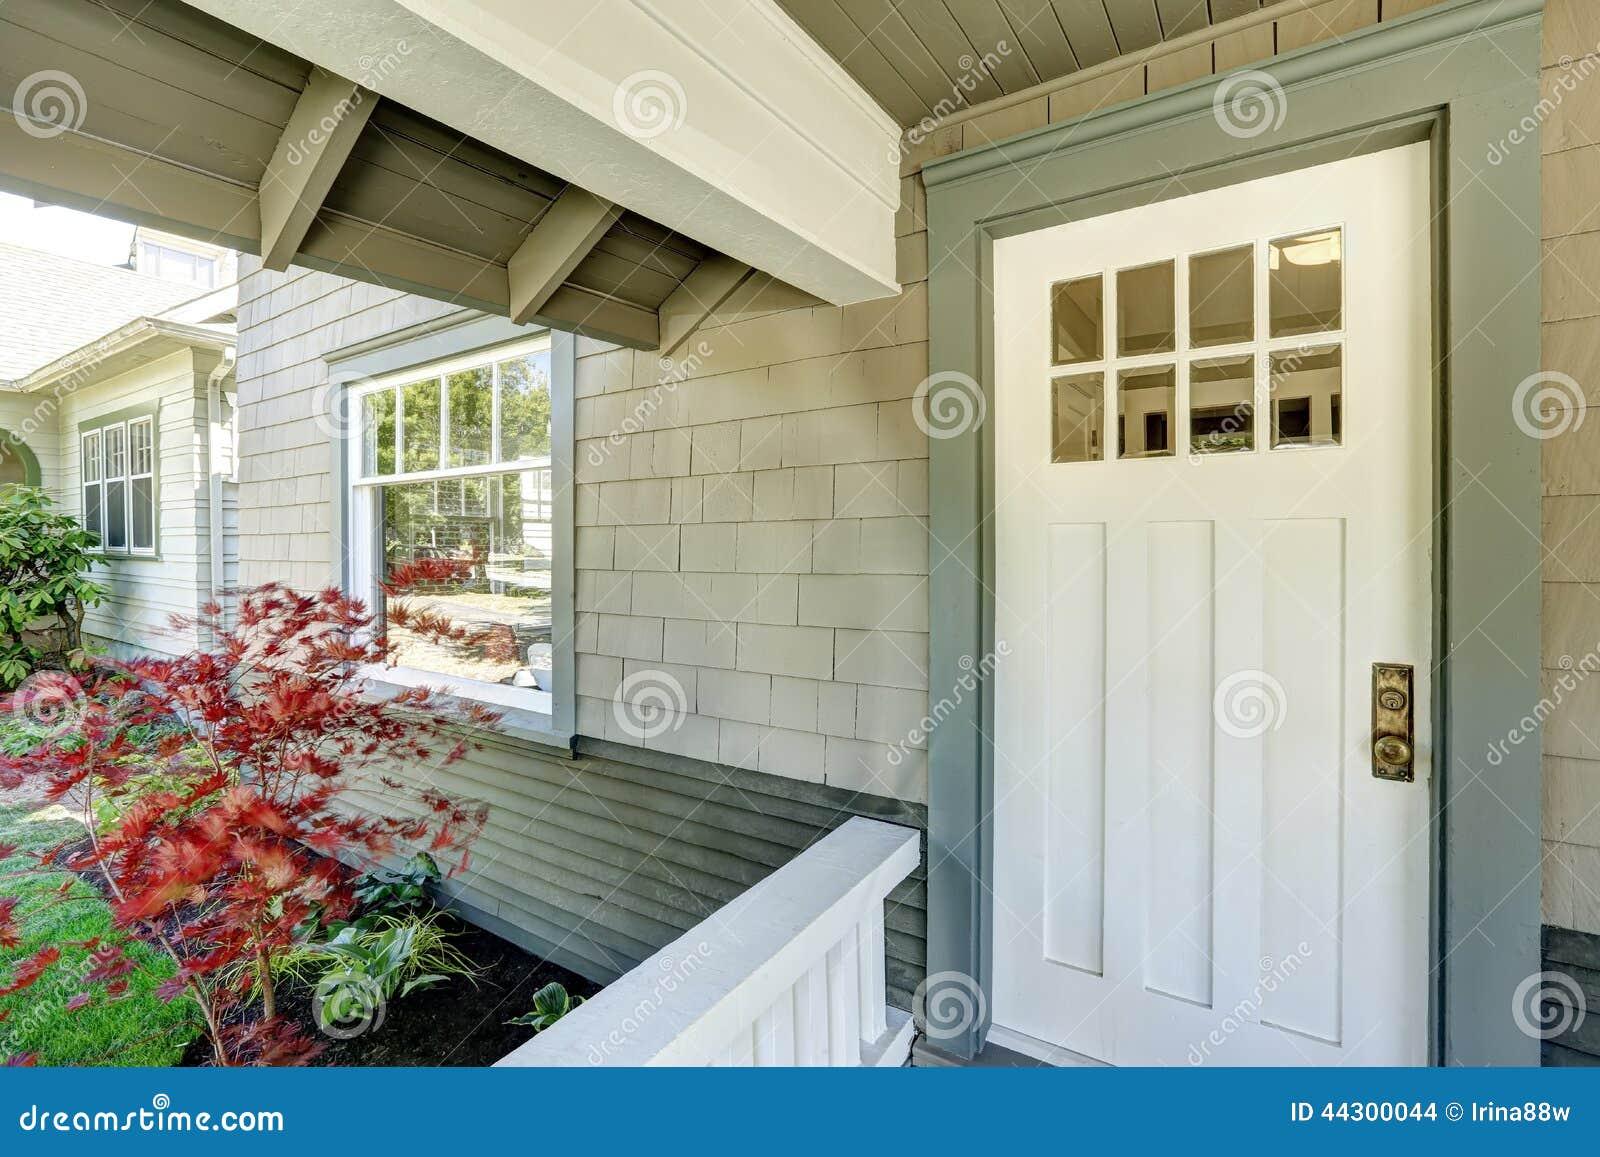 Porche d 39 entr e avec la porte blanche photo stock image 44300044 - La porte blanche belgique ...